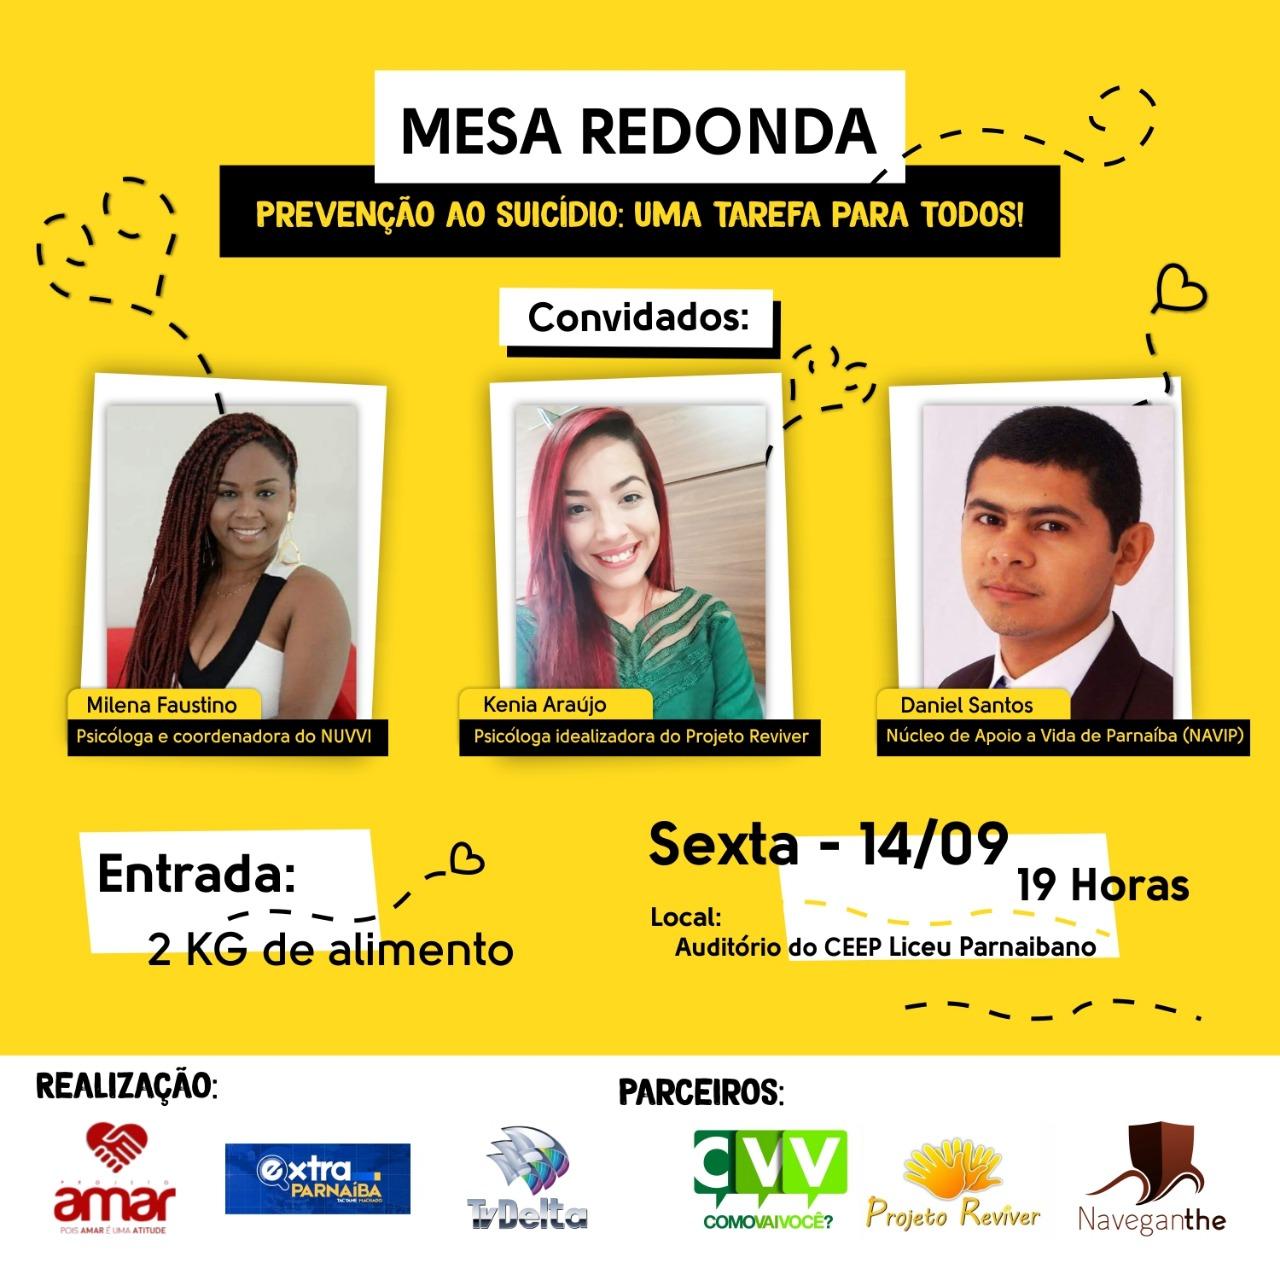 Projeto Amar, TV Delta e o Blog Extra Parnaíba realizarão no no auditório do Liceu Parnaibano, Mesa Redonda sobre a Prevenção ao Suicídio